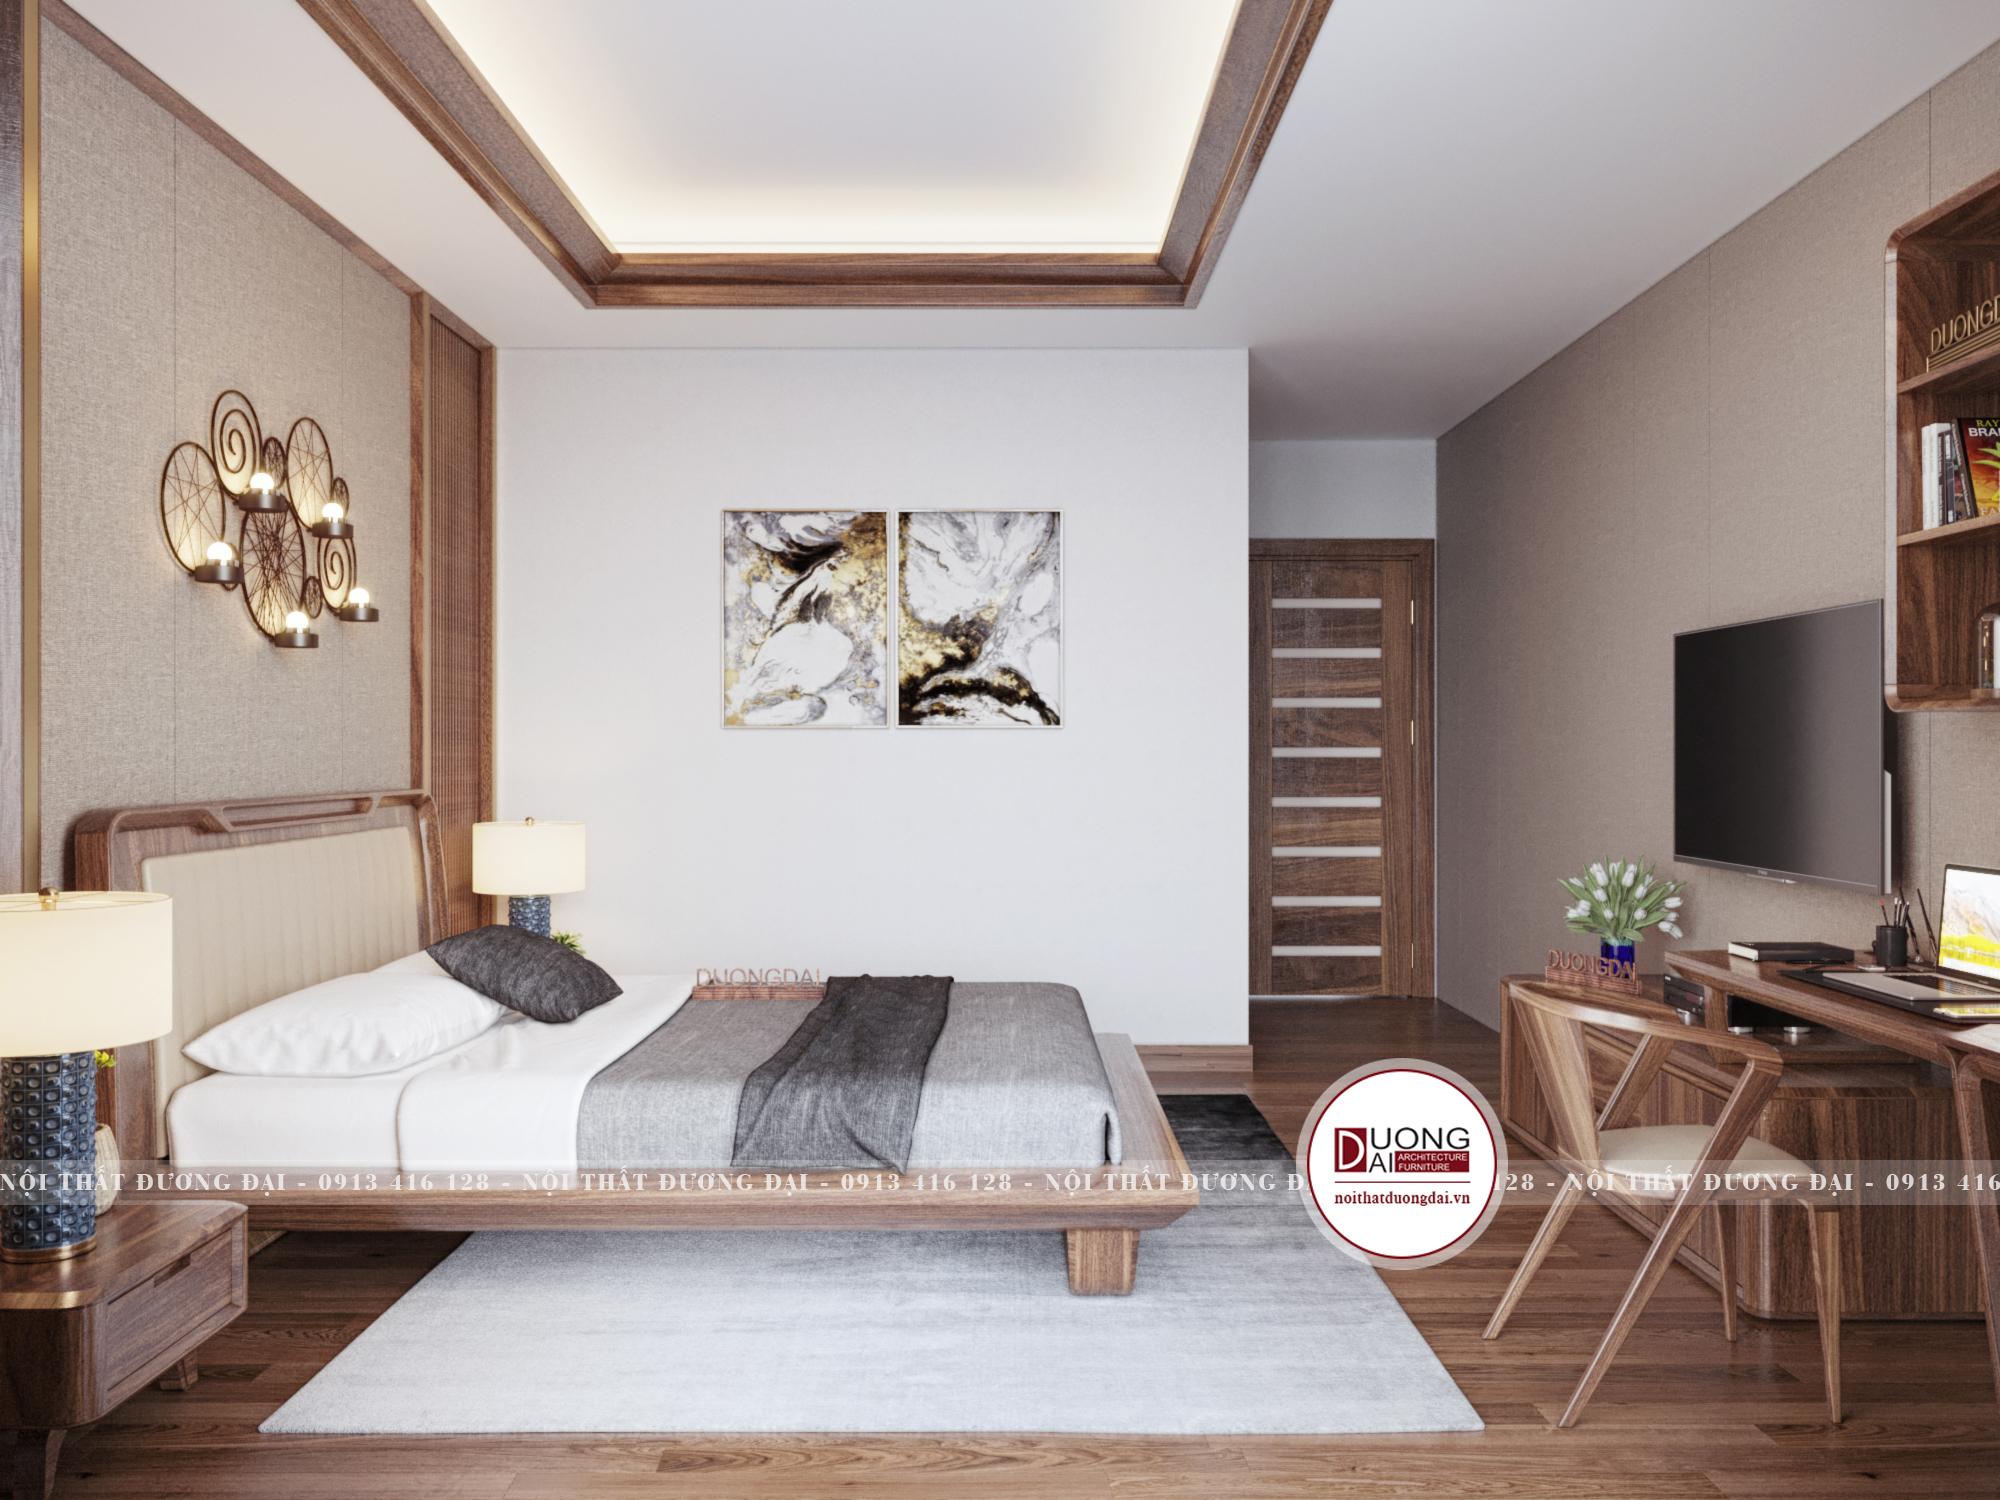 Thiết kế nội thất Chung Cư tại Hà Nội SKY VILLA 01 TẦNG 2 1632153749 17